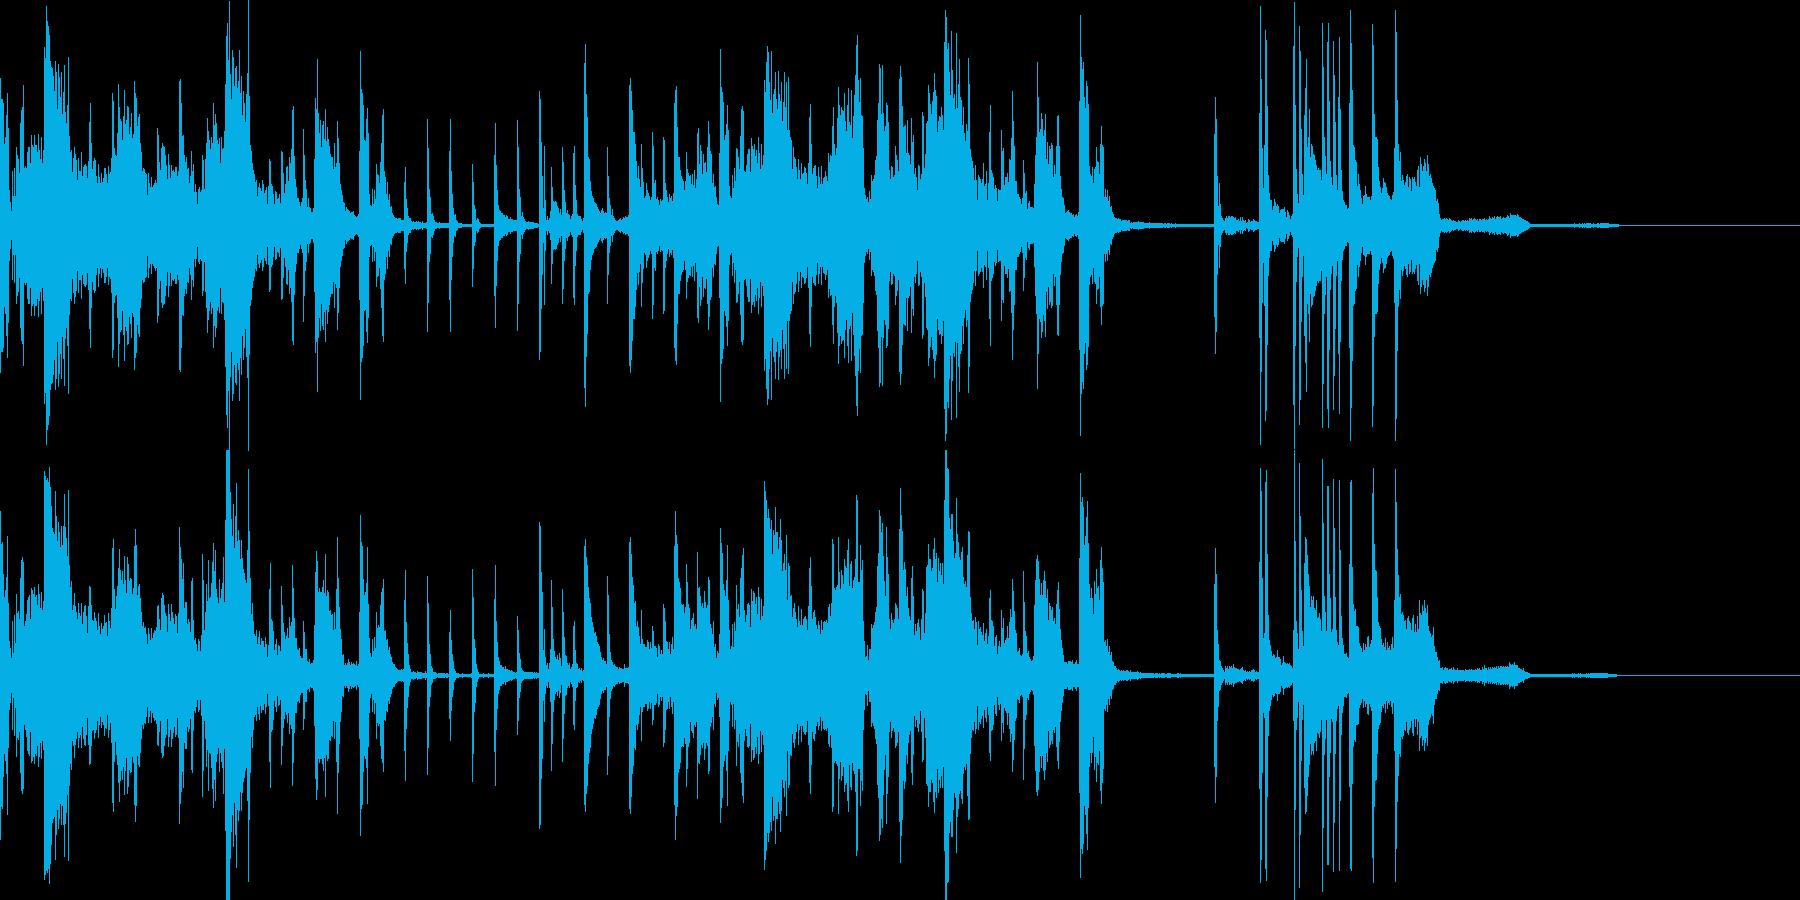 トゥワークなシンキングタイム音の再生済みの波形